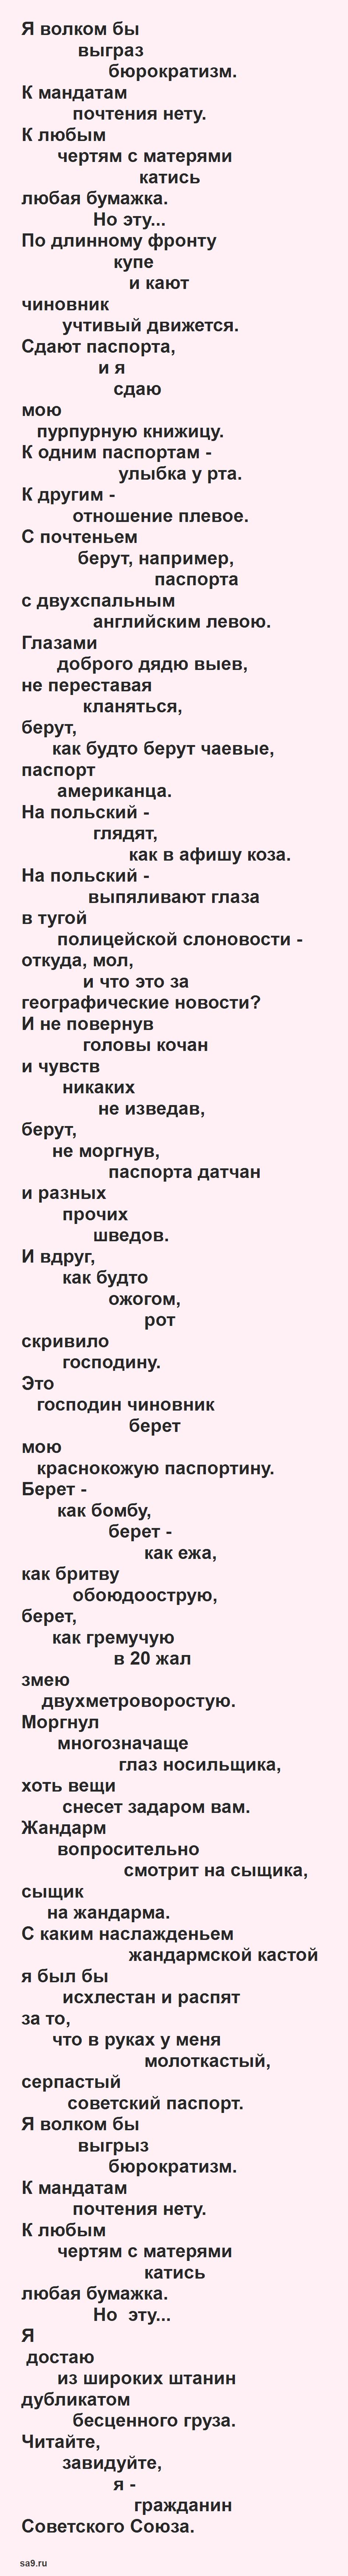 Стихи Маяковского - О советском паспорте